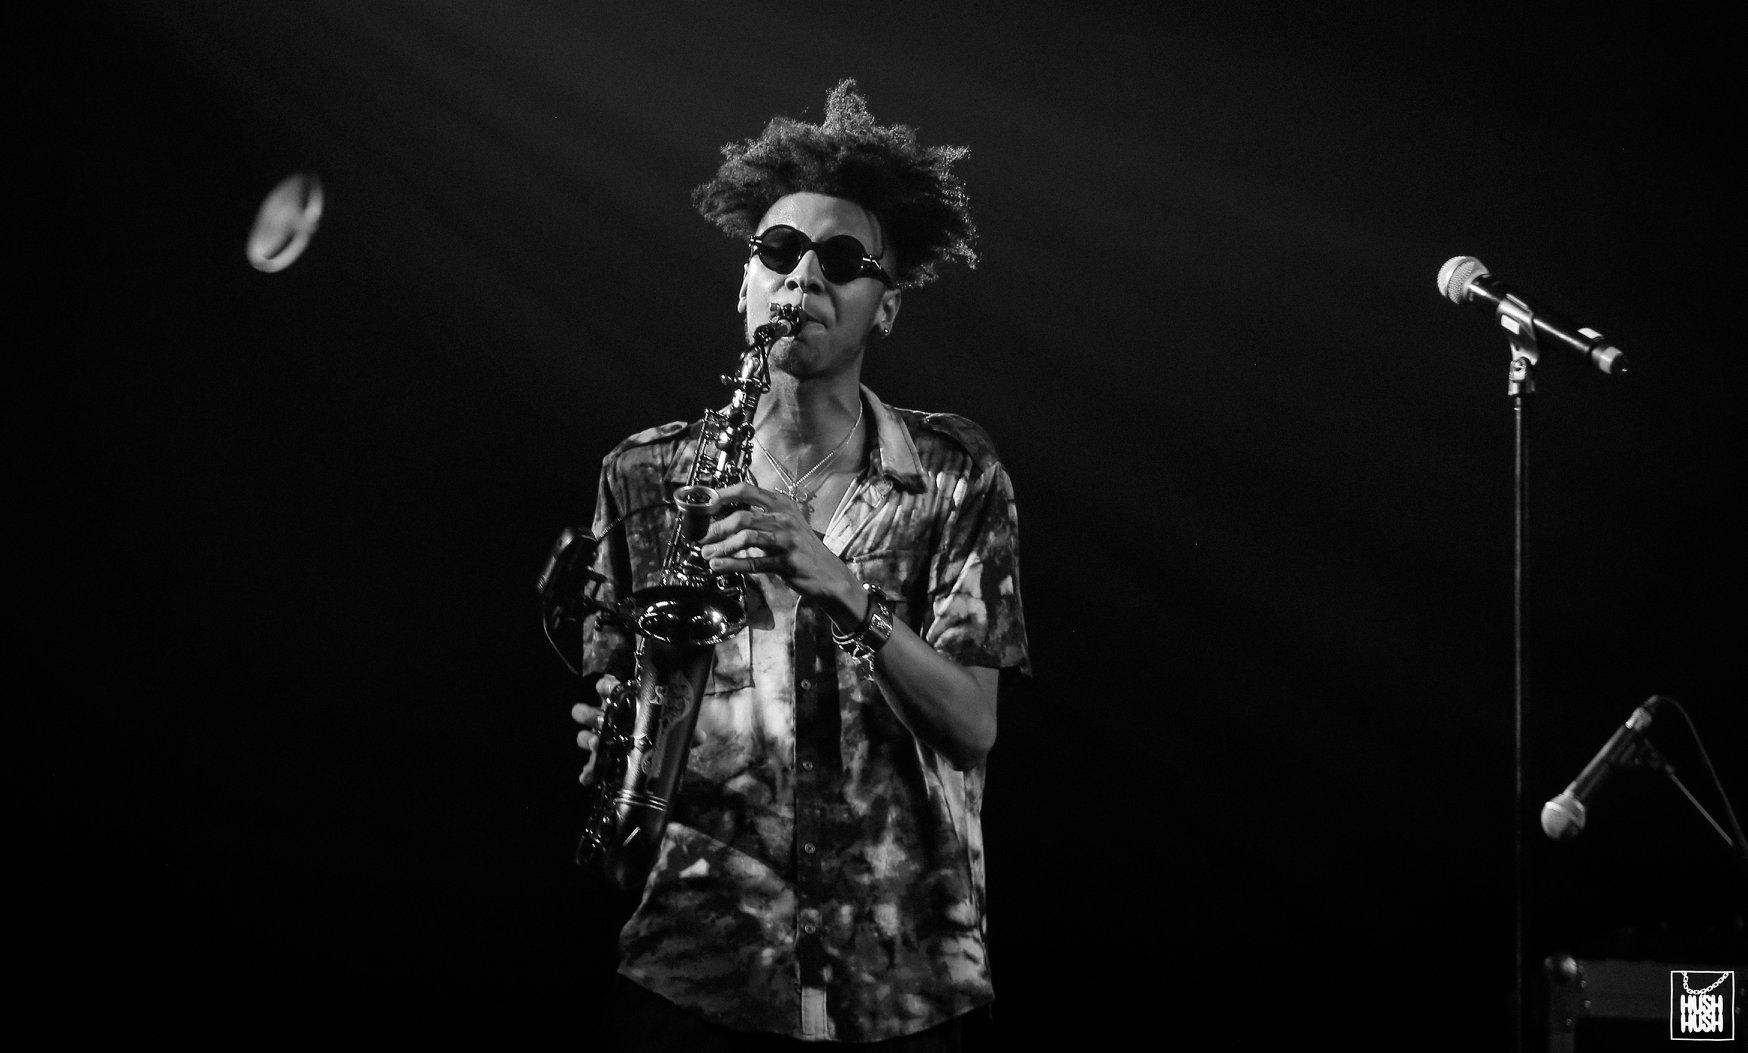 Wie man seinen eigenen Hype zerstören kann – Maségo in Concert